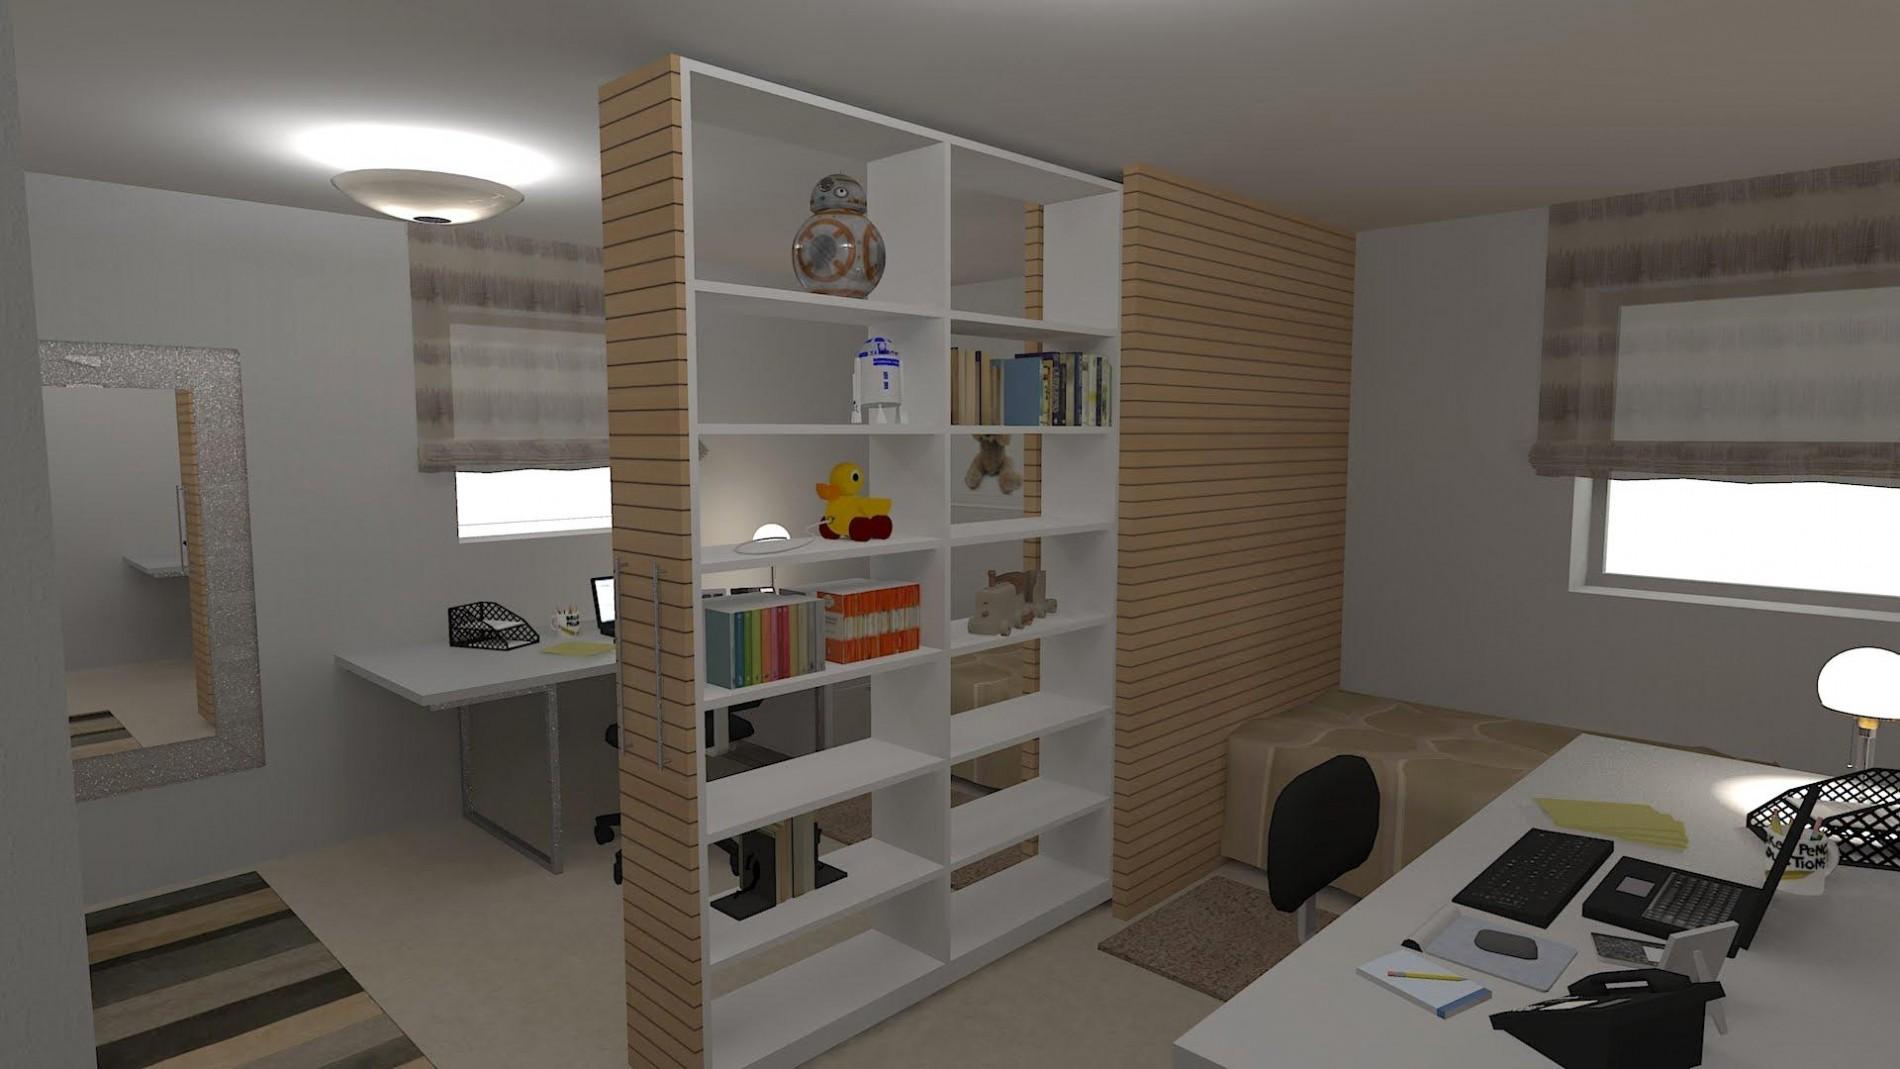 Full Size of Raumteiler Kinderzimmer Raumtrenner Vorhang Ikea Awesome Beste Regal Regale Sofa Weiß Kinderzimmer Raumteiler Kinderzimmer